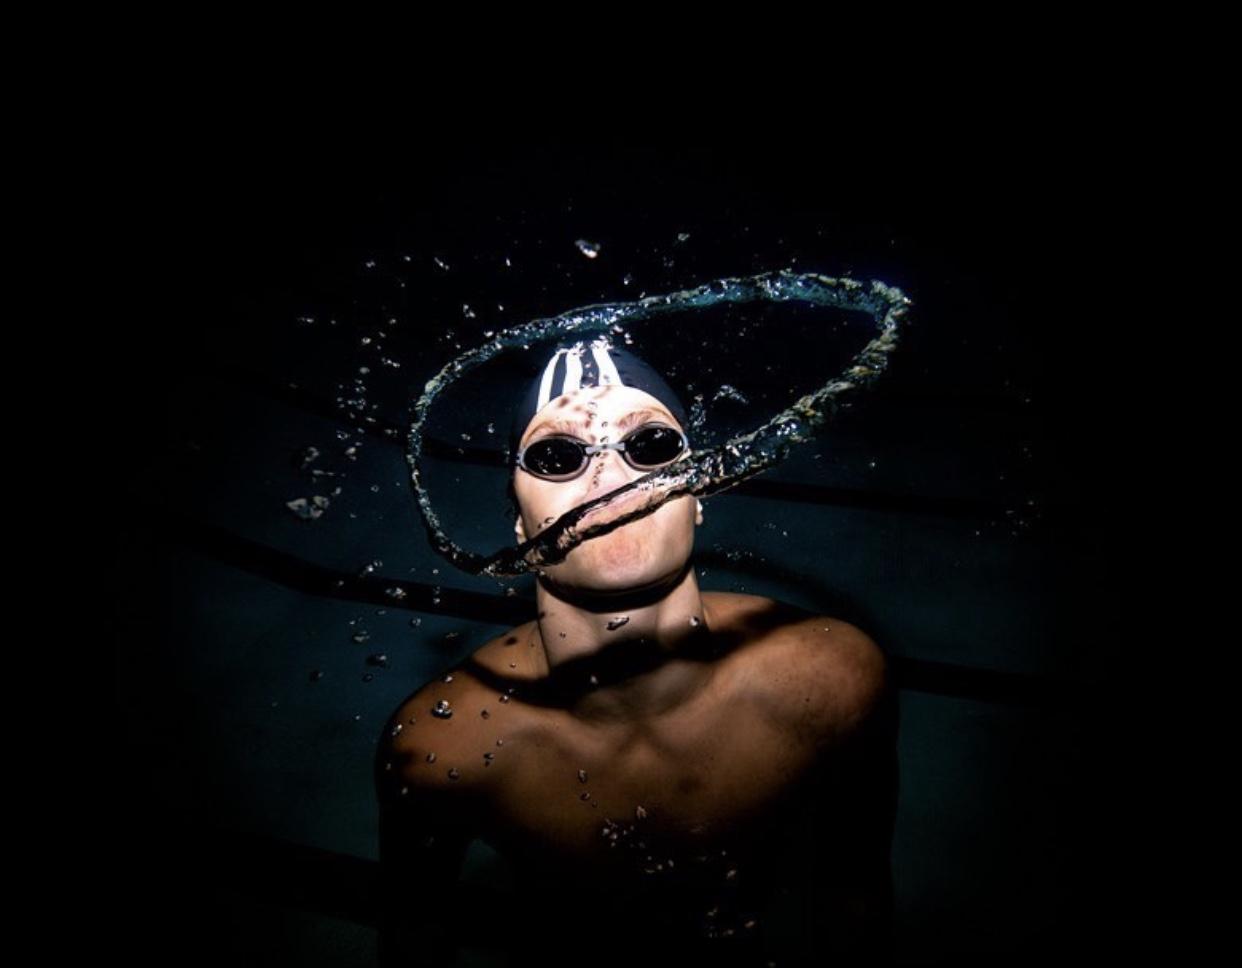 یک توصیه مهم برای شناگران رقابتی قبل از بلوغ